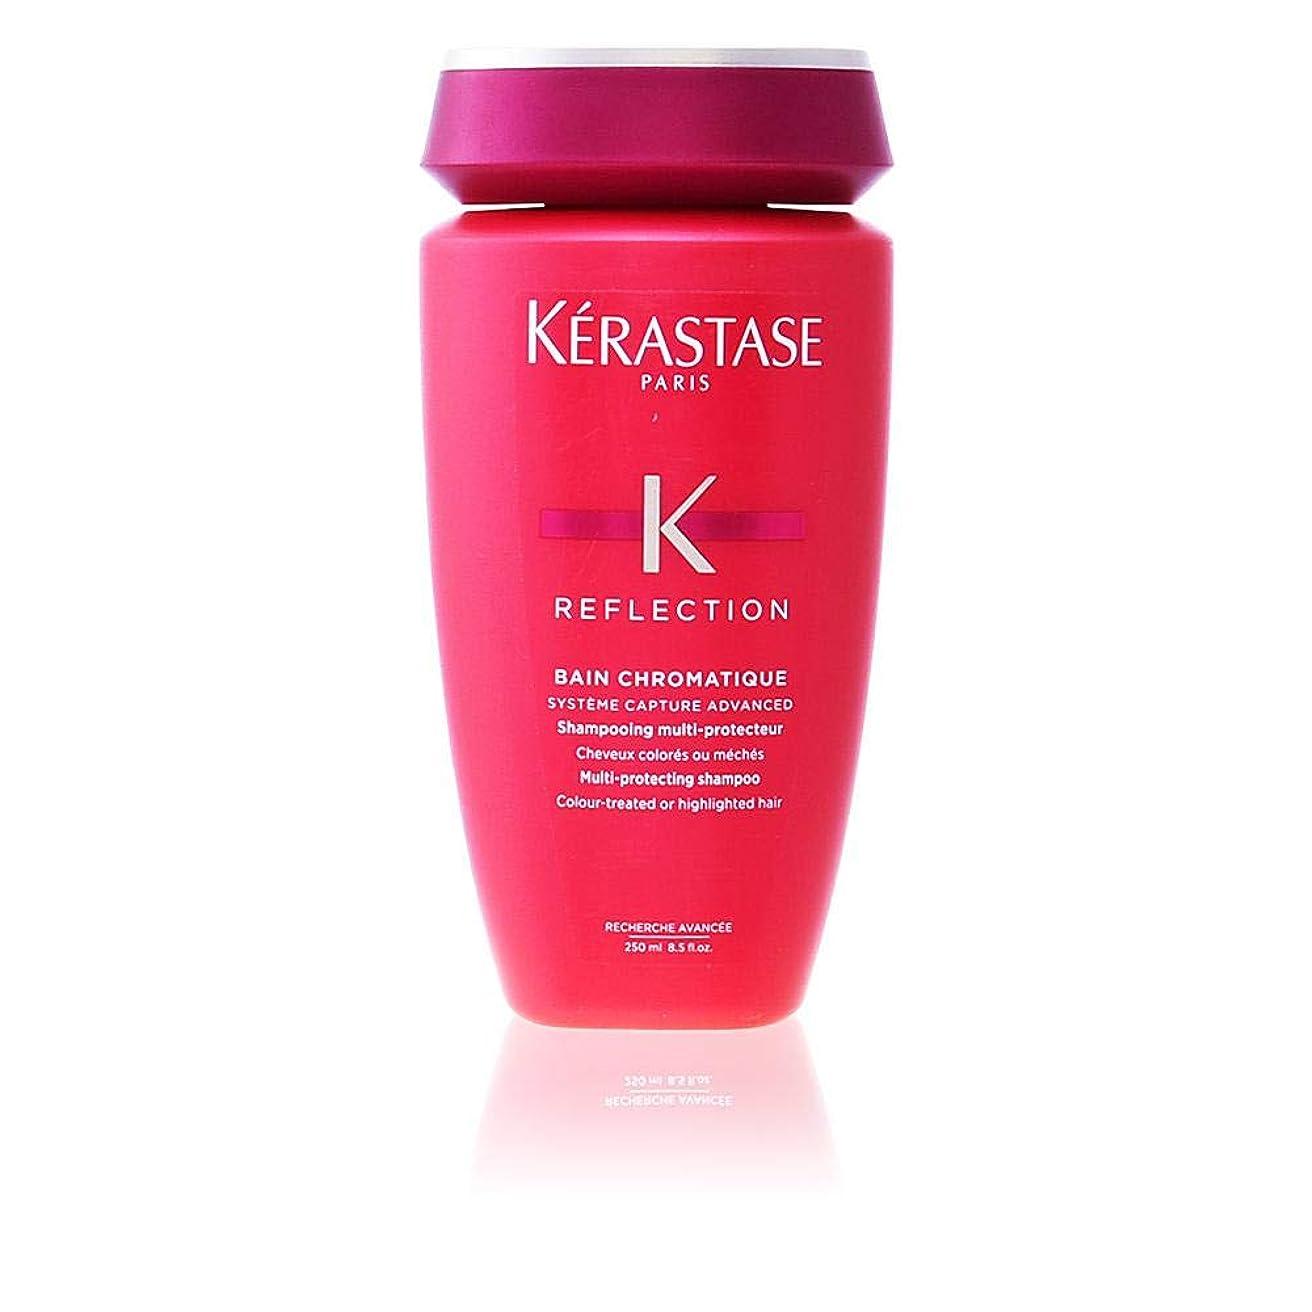 誘惑する残酷有料ケラスターゼ Reflection Bain Chromatique Multi-Protecting Shampoo (Colour-Treated or Highlighted Hair) 250ml/8.5oz並行輸入品